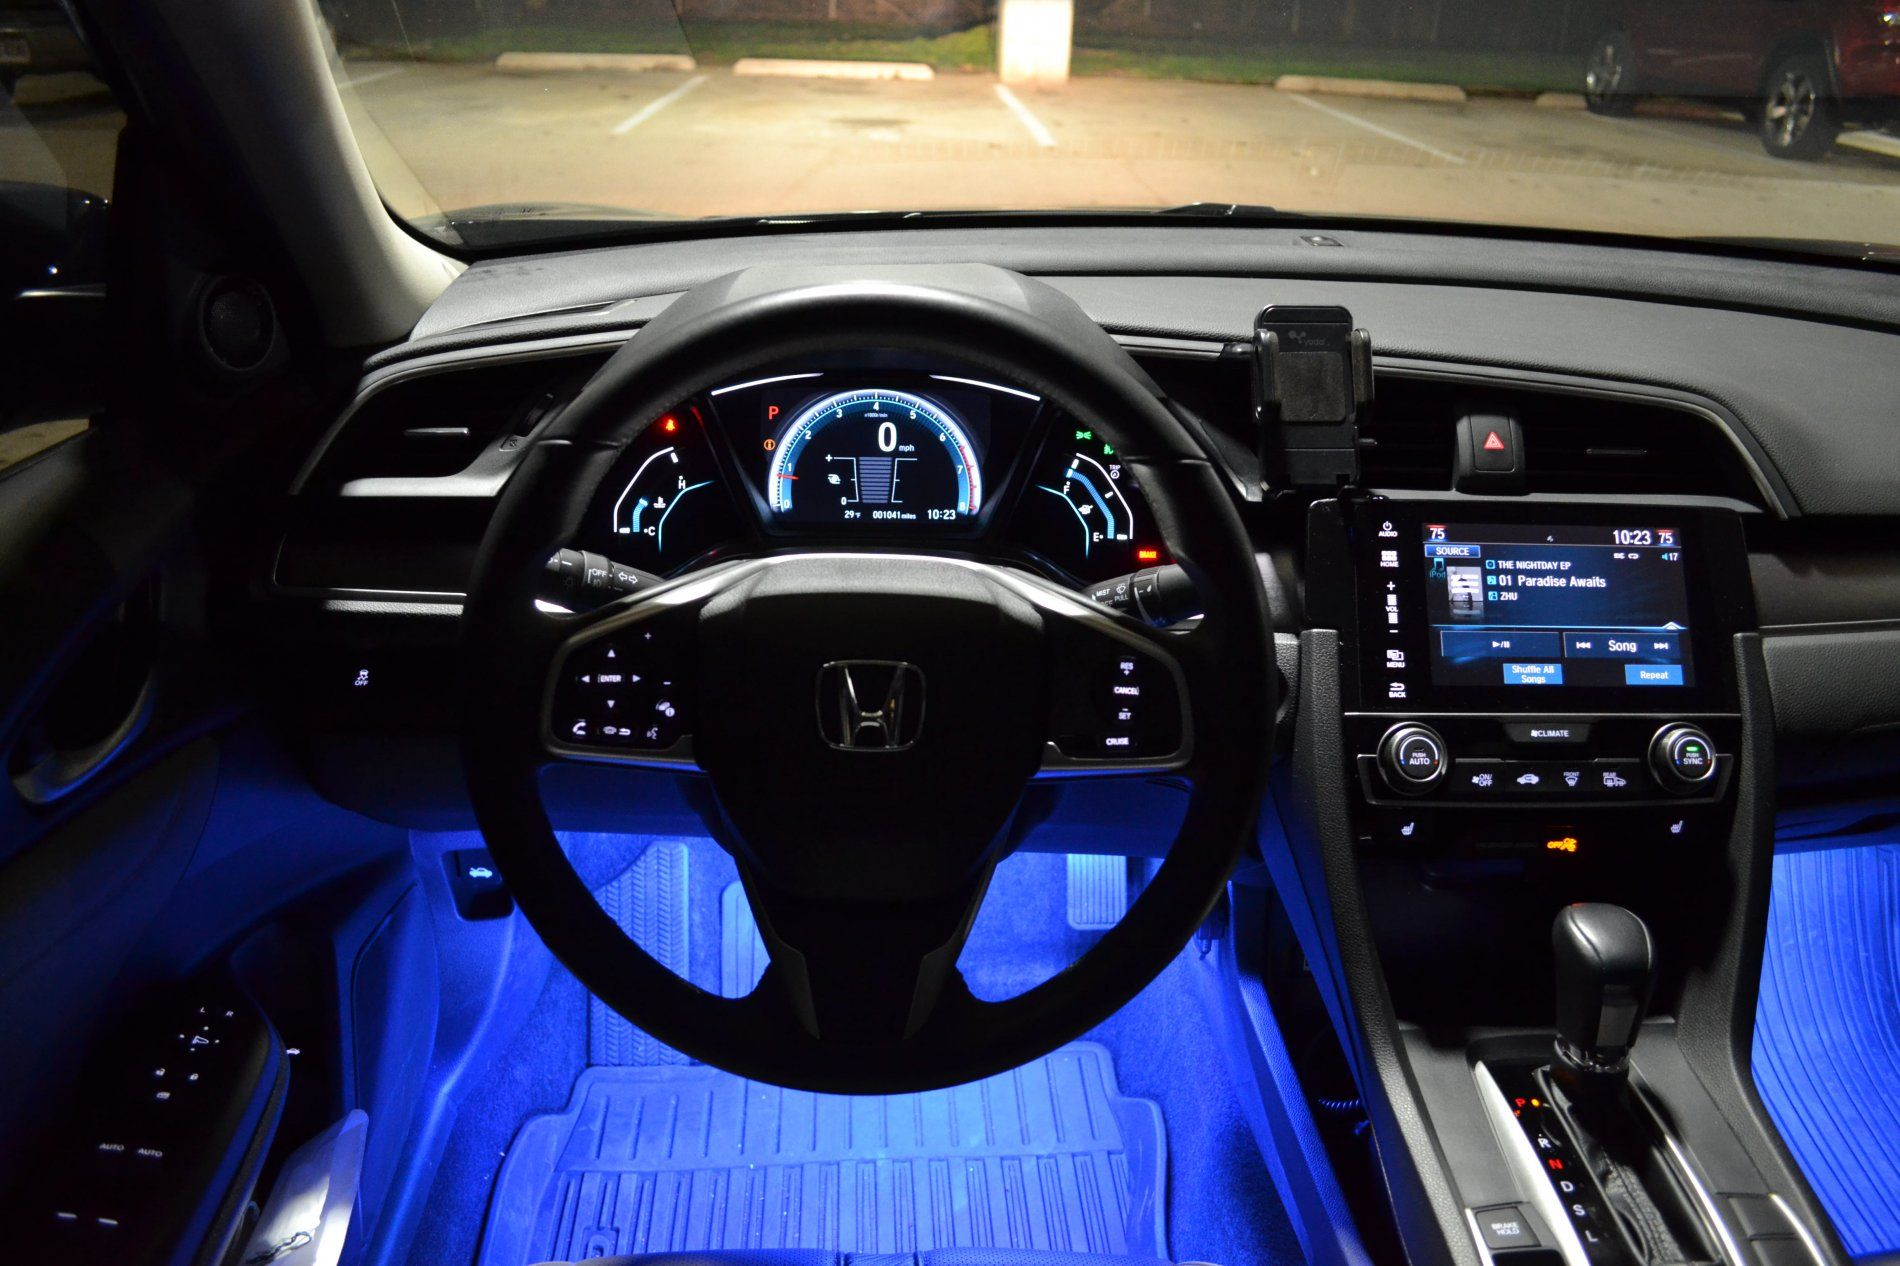 Awesome 2017 Honda Civic Hatchback Interior Lights And Review Black Honda Civic Honda Civic Honda Accord Sport